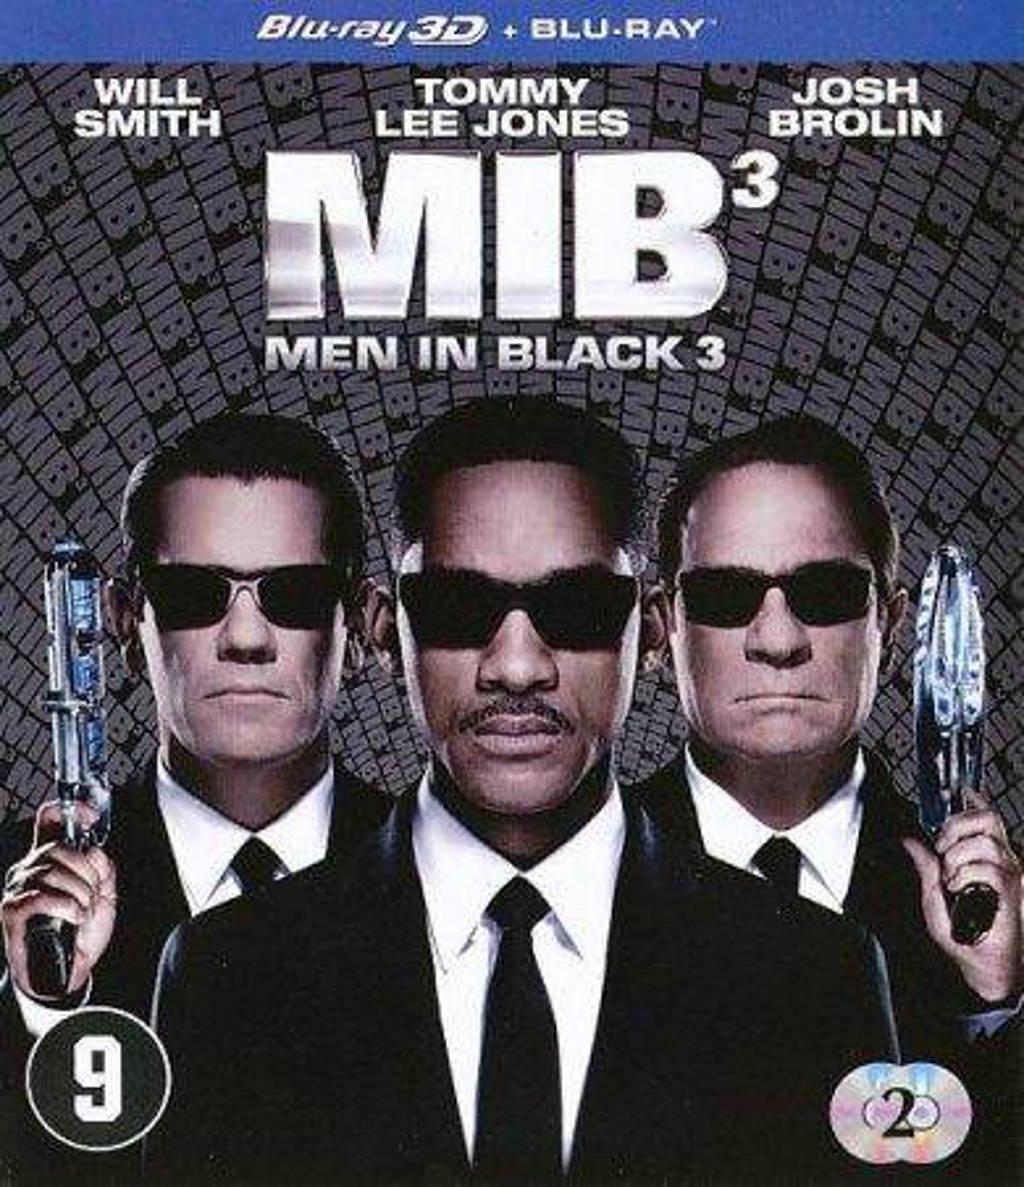 Men in black 3 (3D) (Blu-ray)